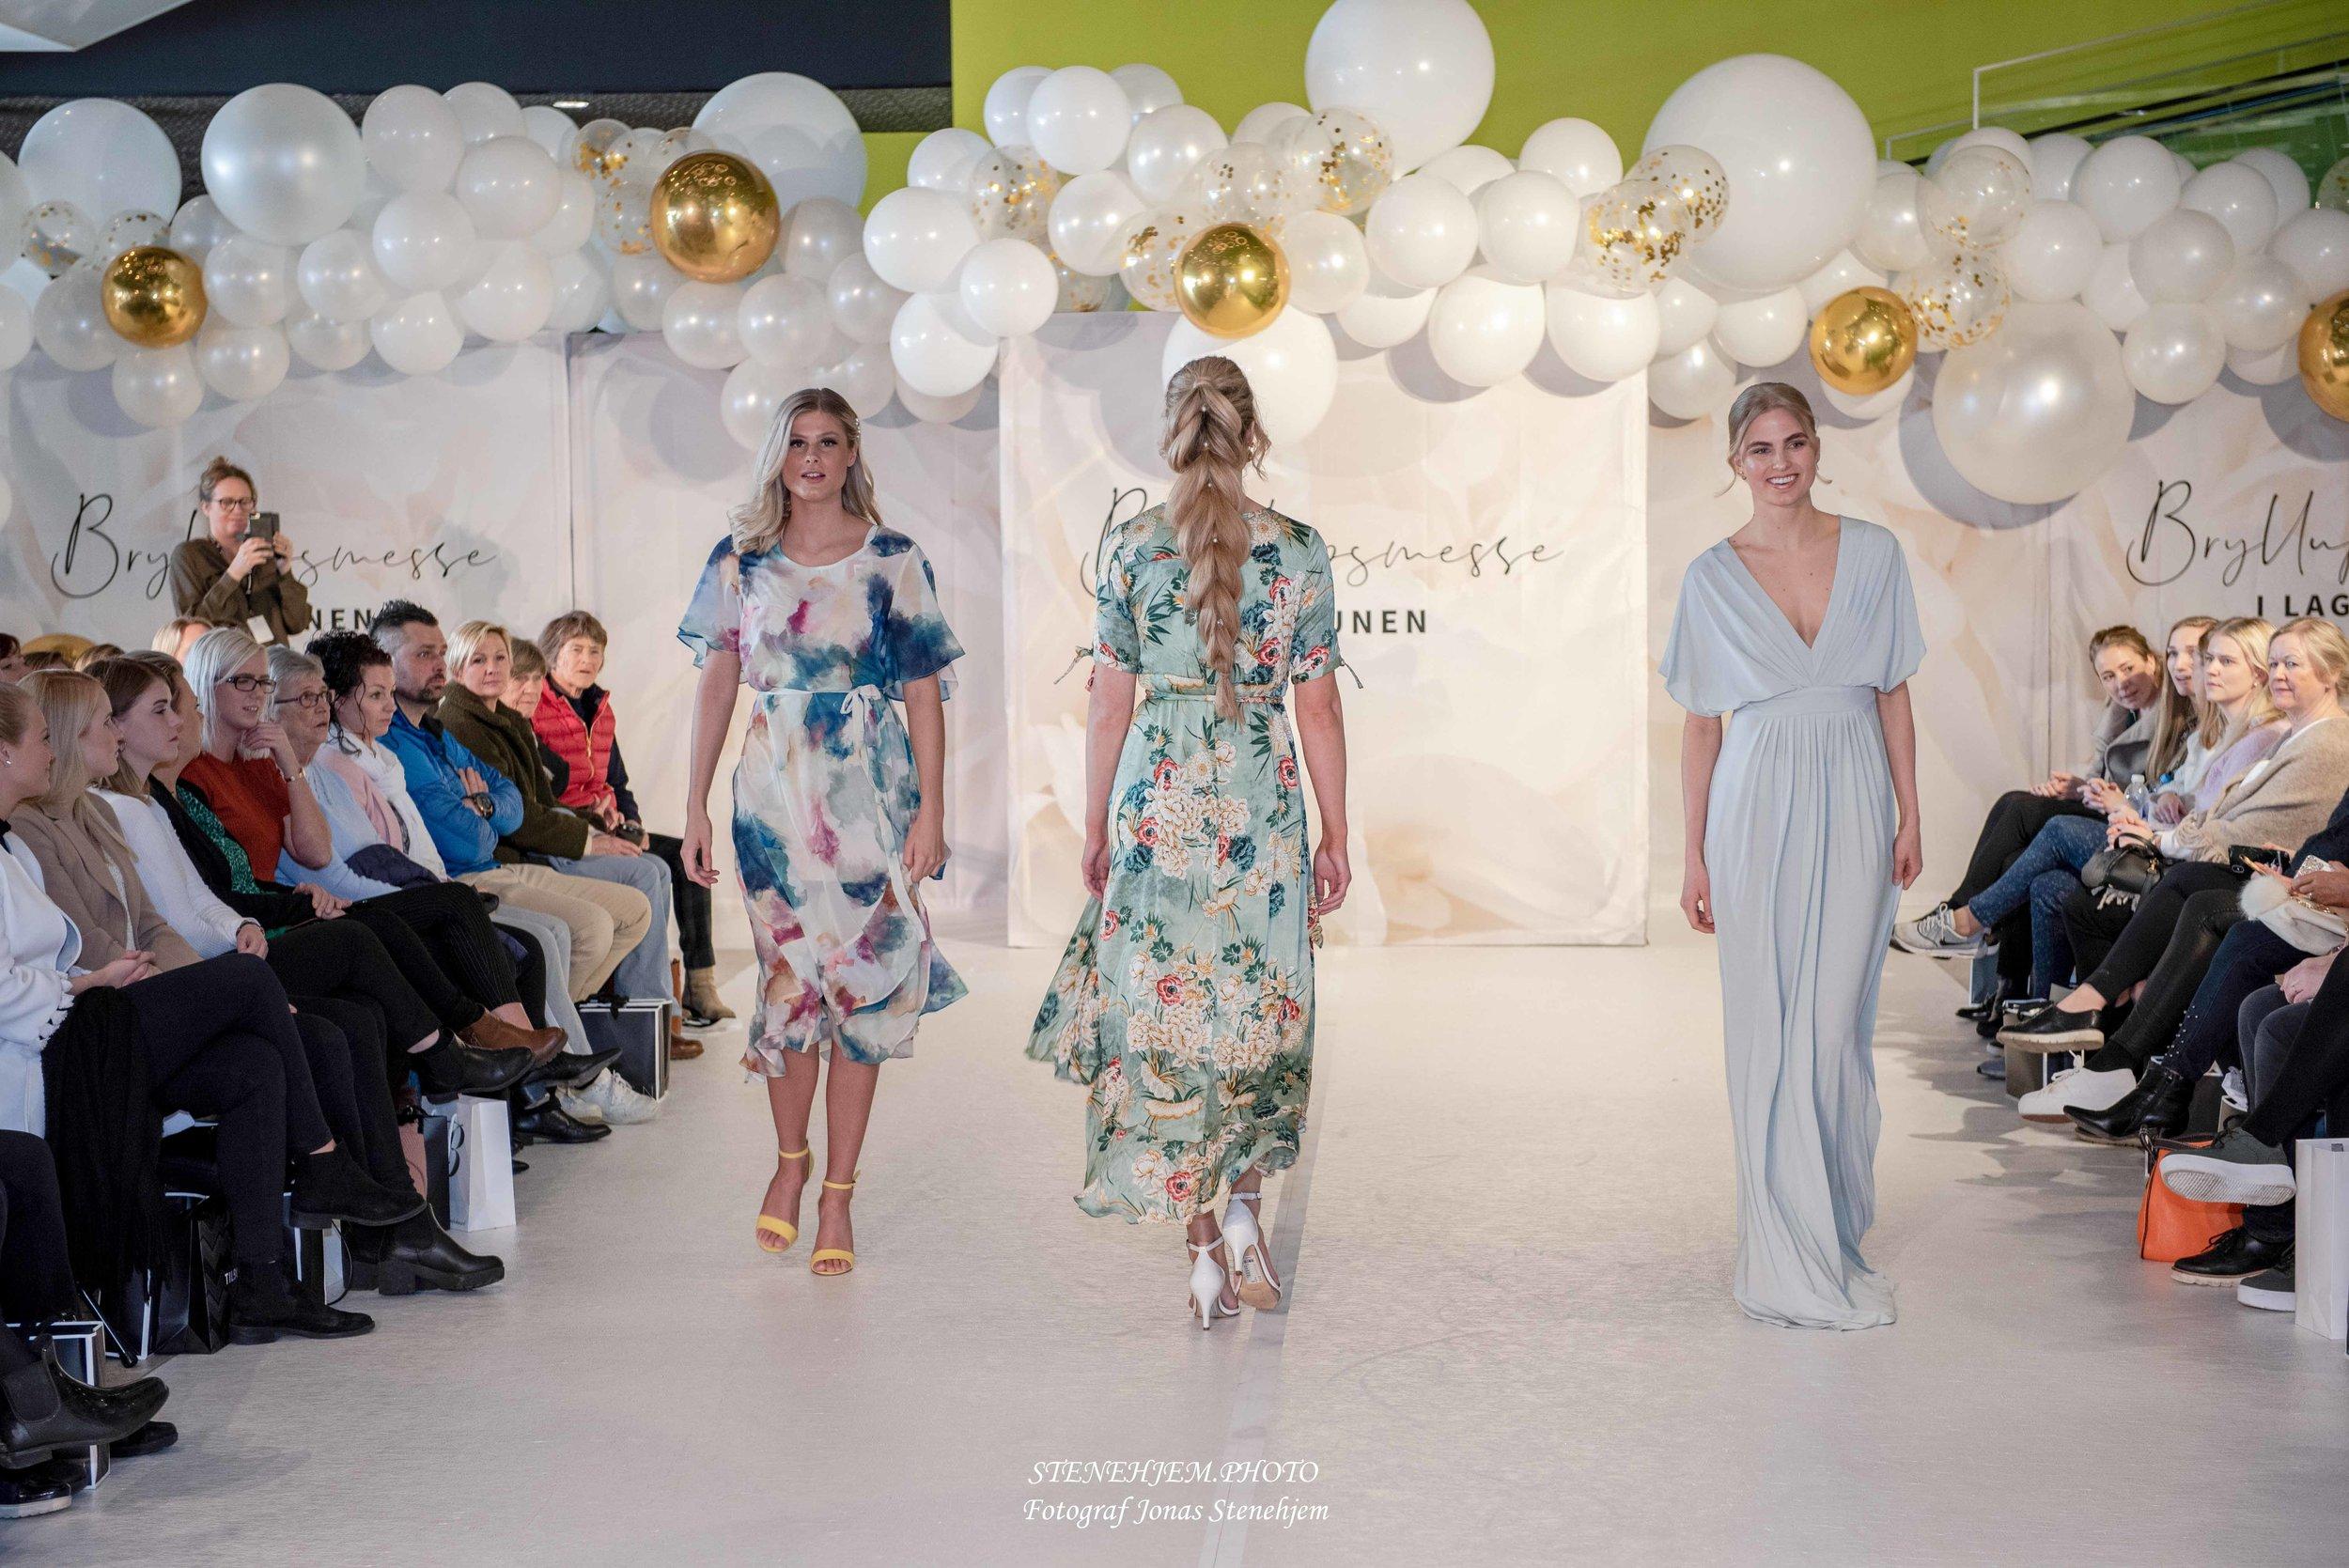 lagunen_fashion_mittaltweddingfair__002.jpg